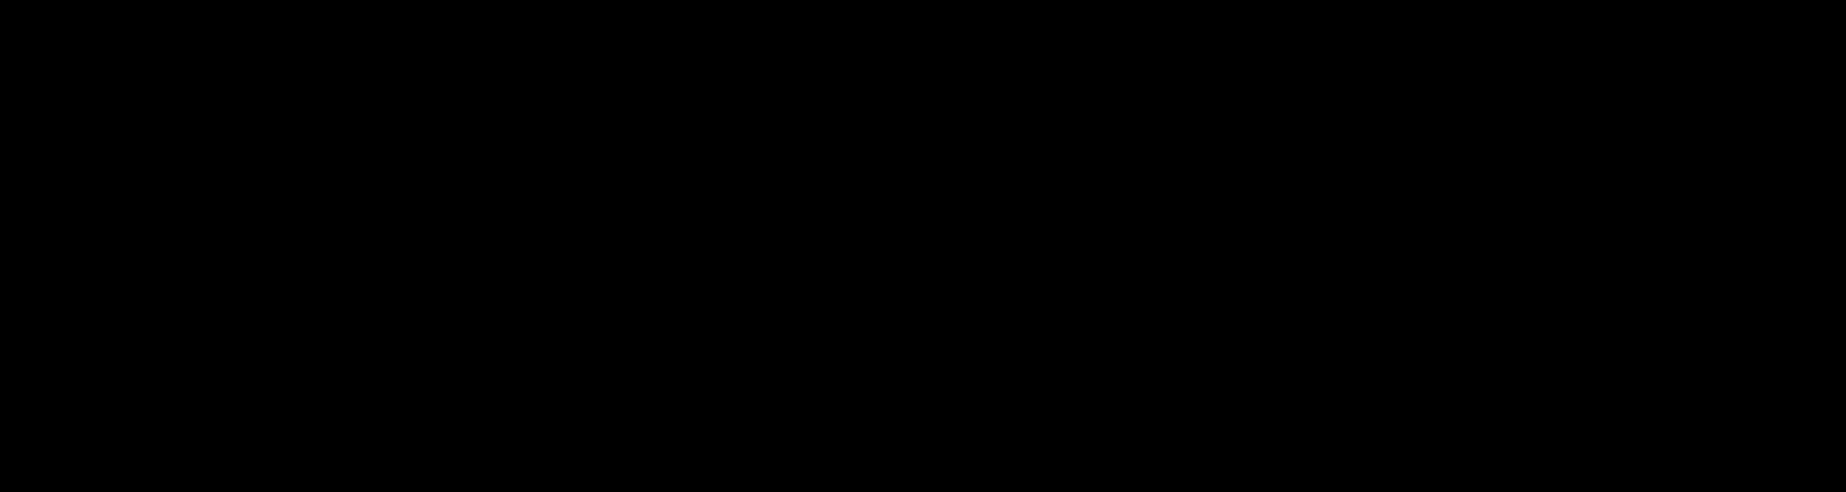 Indole-2, 6-dicarboxylic acid diethyl ester